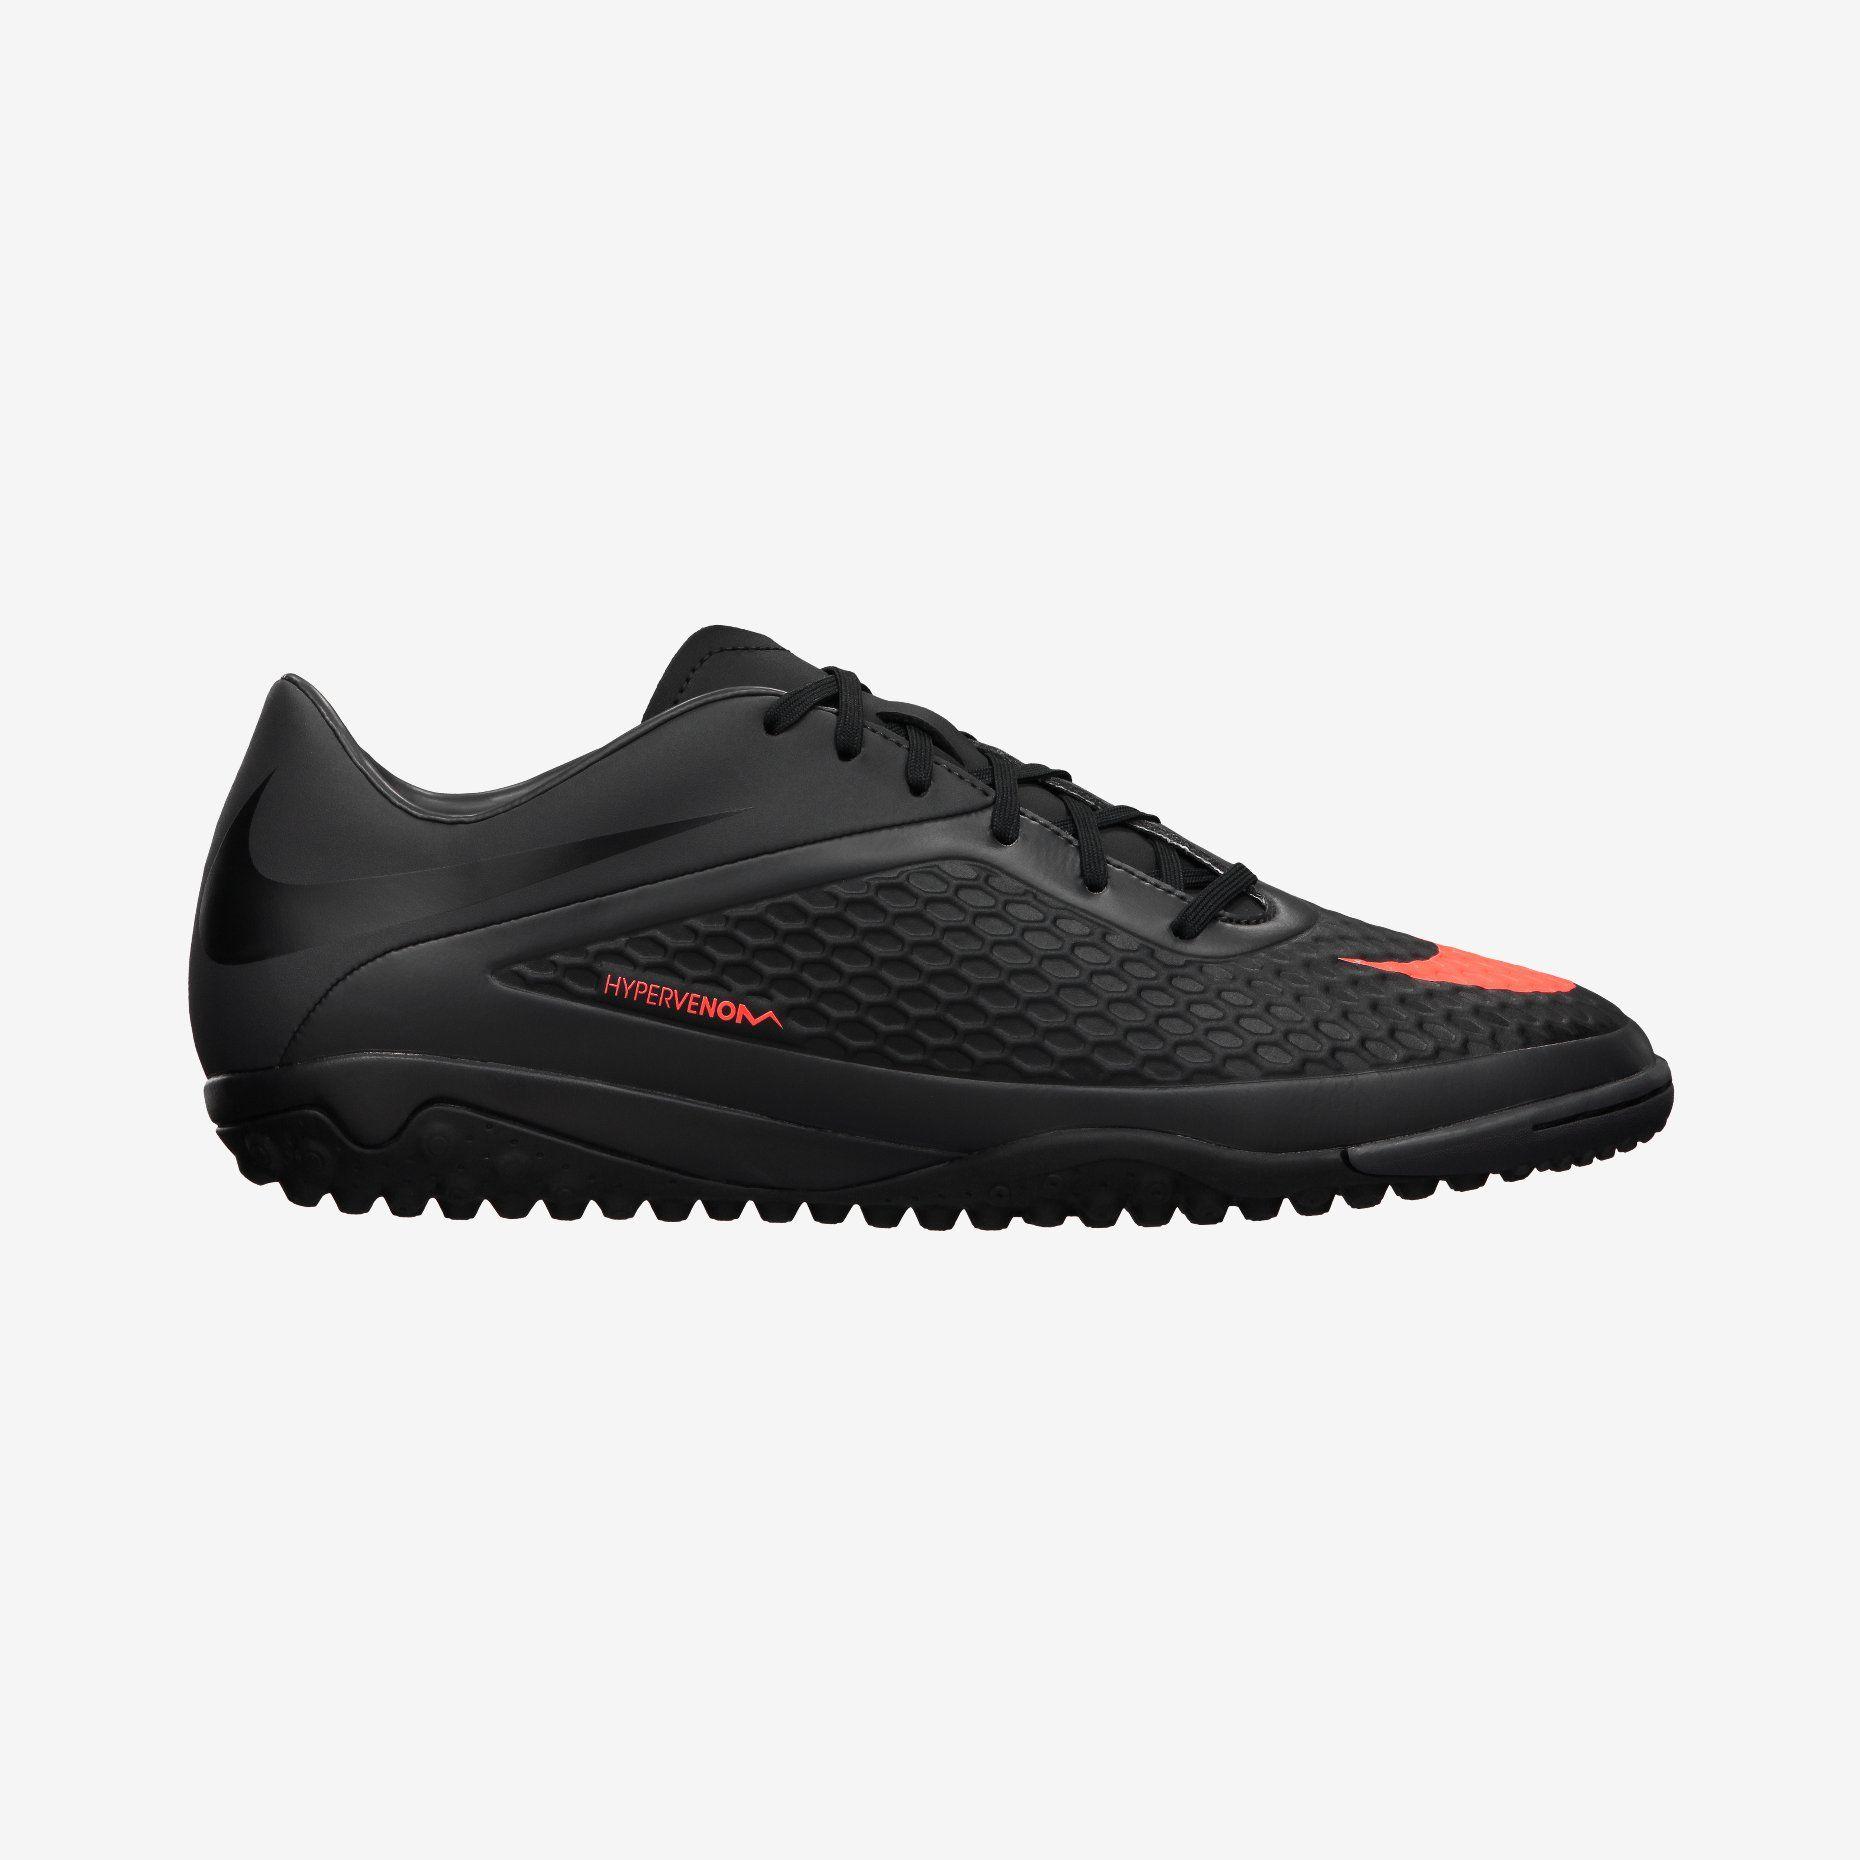 1ba003a6782cc Nike Store España. Nike HYPERVENOM Phelon TF Botas de fútbol para césped  artificial - Hombre